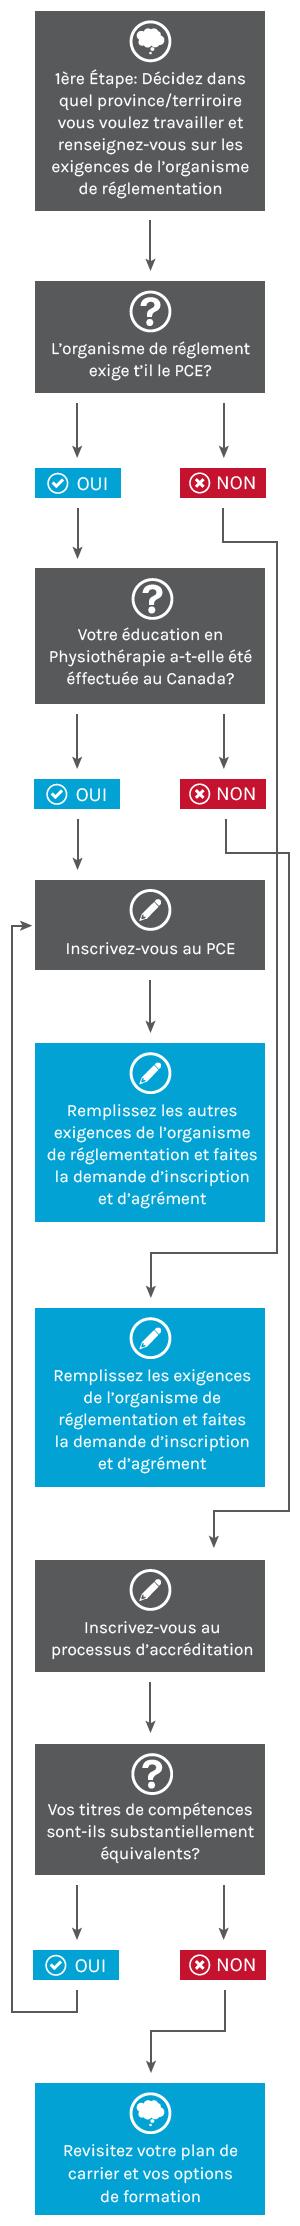 CAPR_flowcharts_Mobile-FR